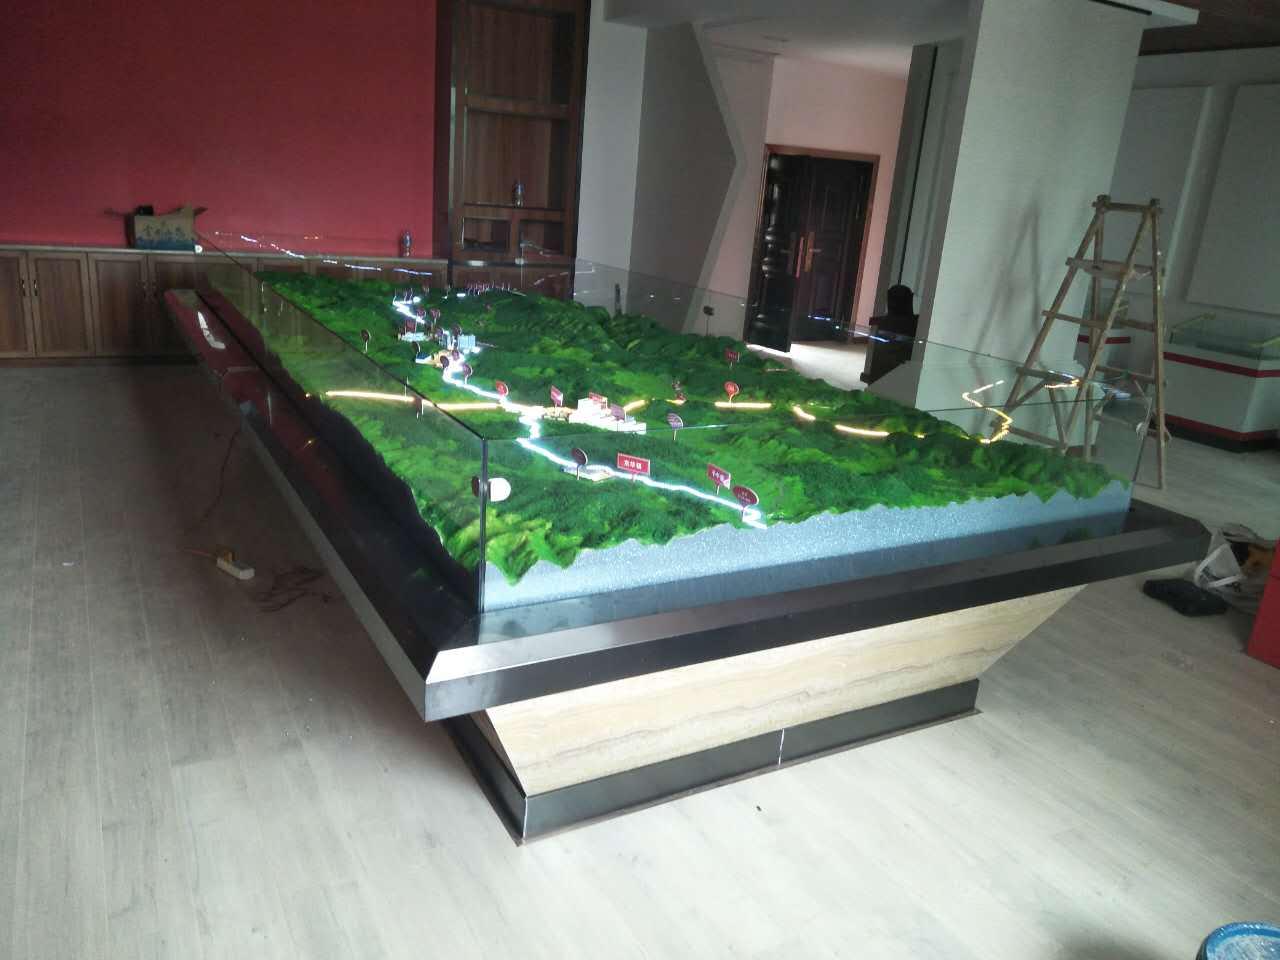 好的沙盘模型能给客户真实的视觉享受